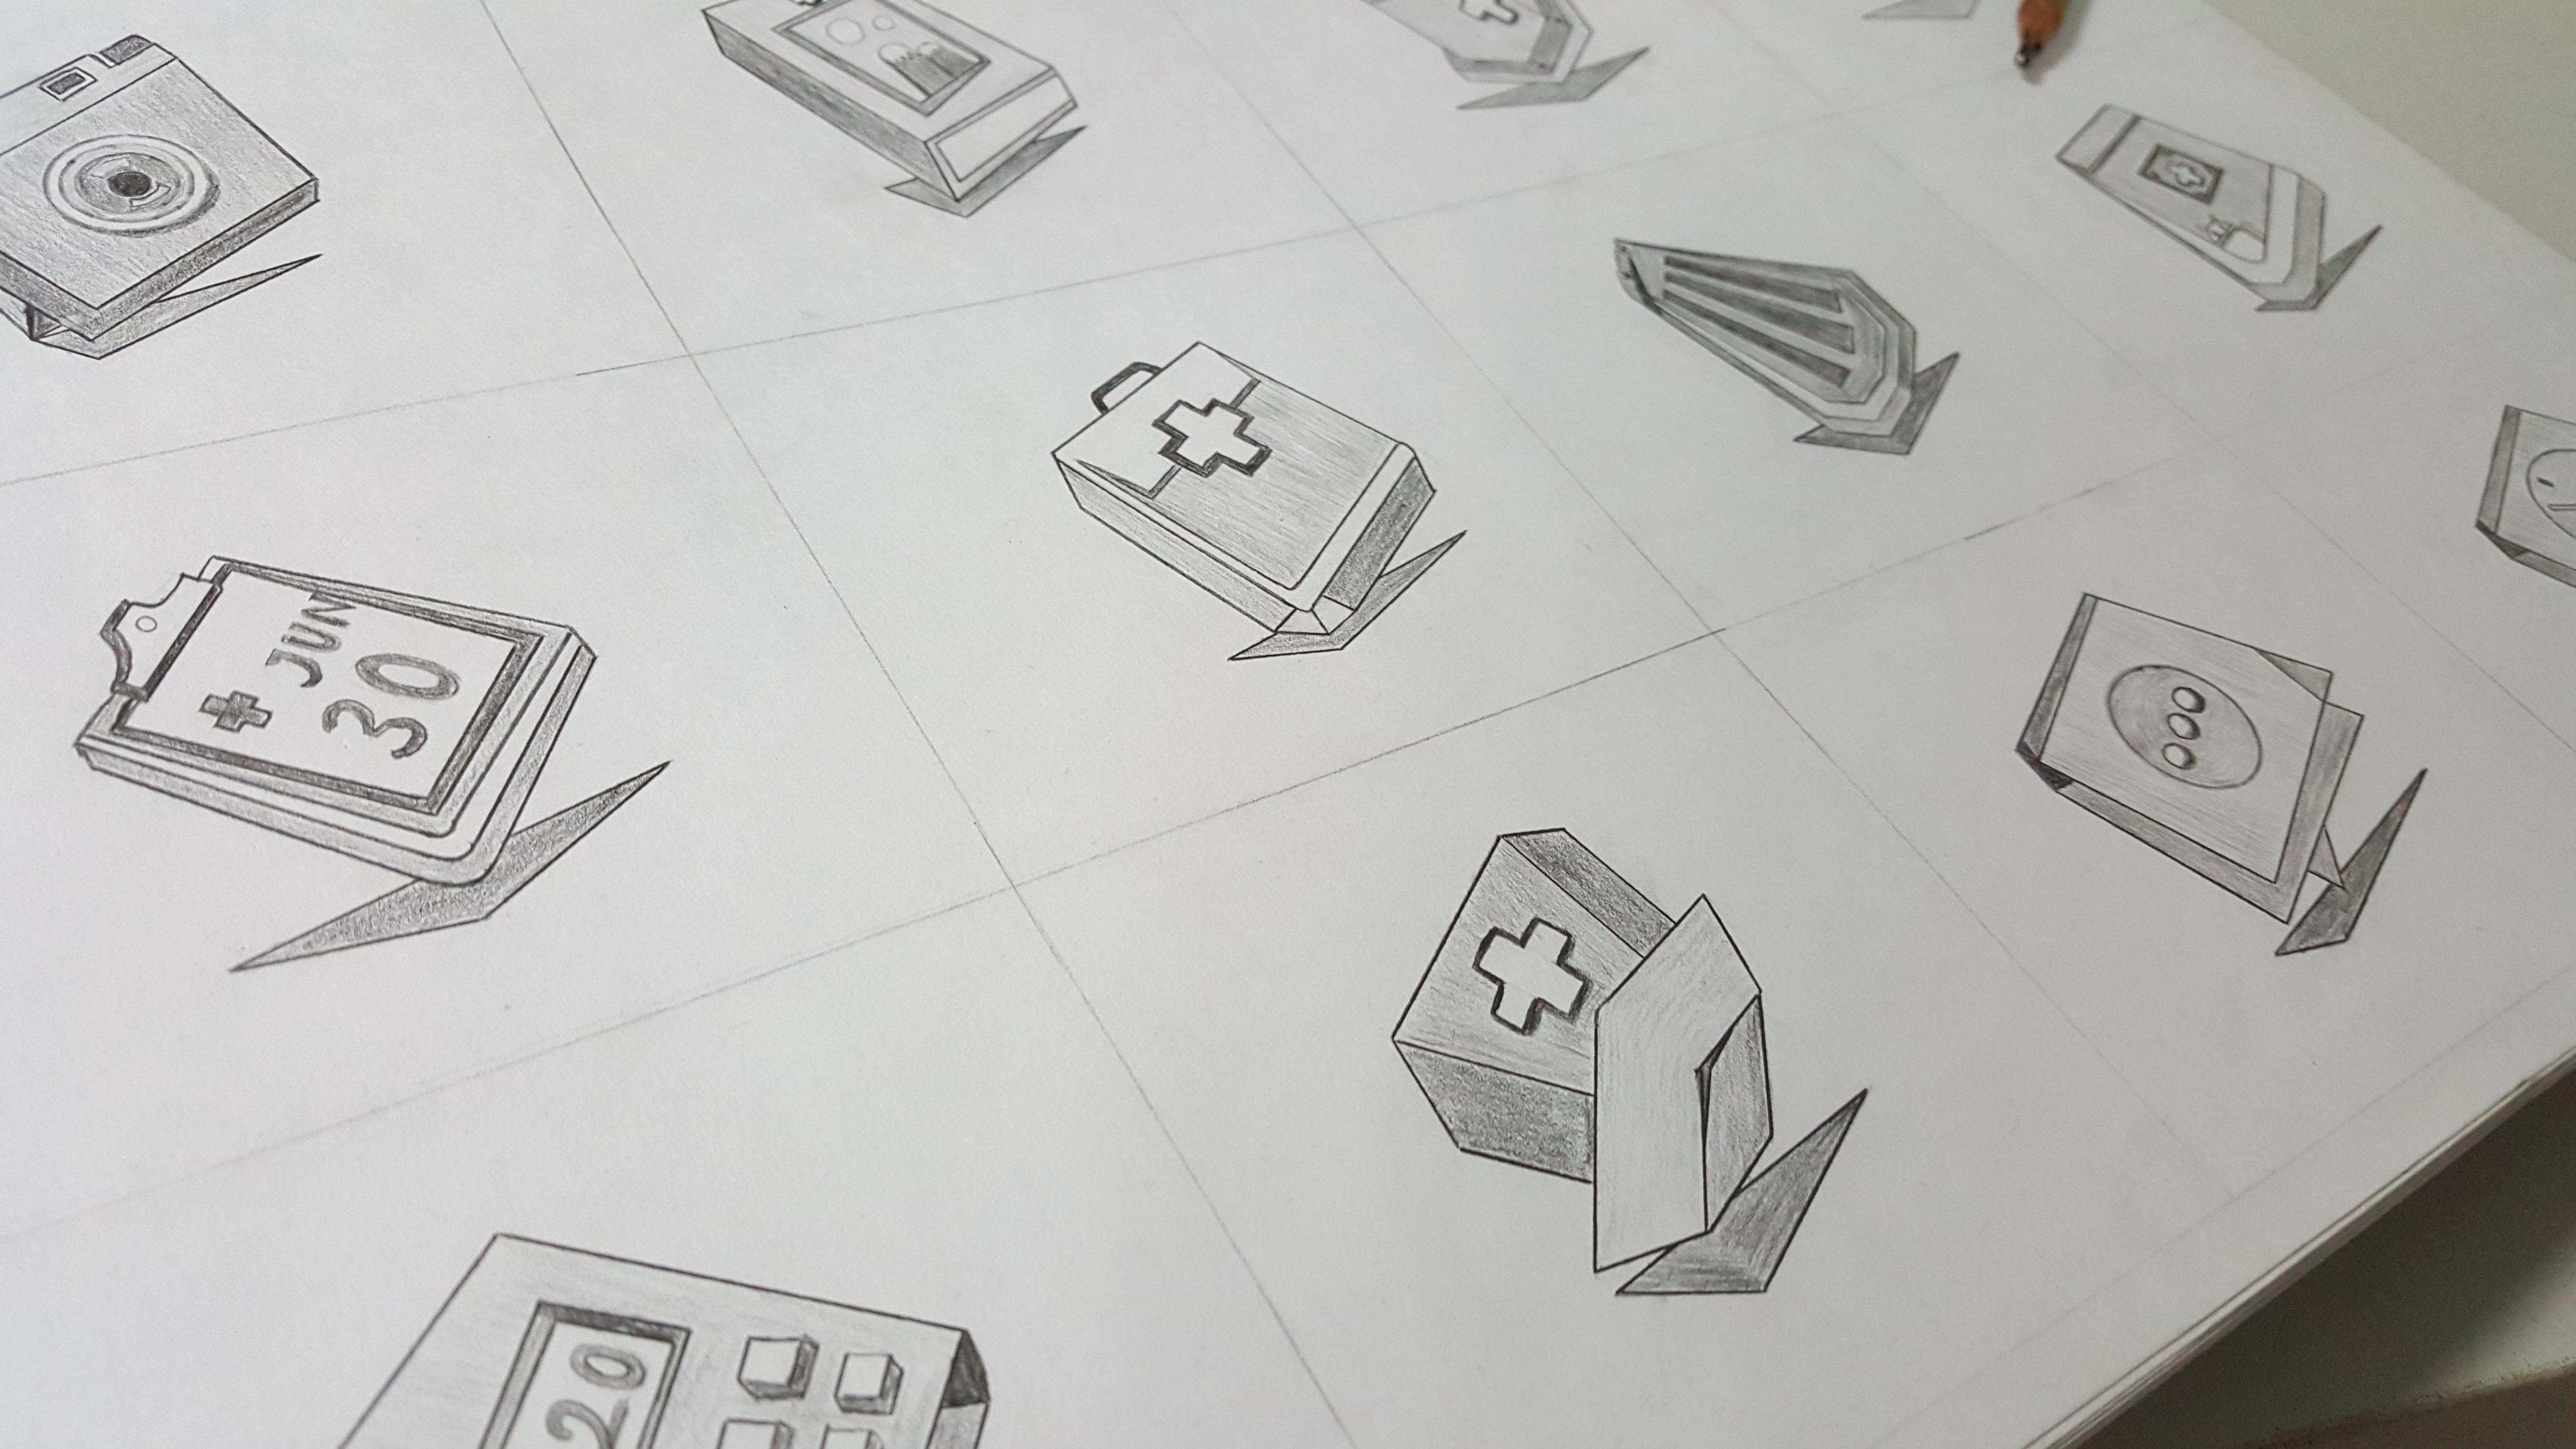 小米主题大赛创意奖hospital主题图标手绘